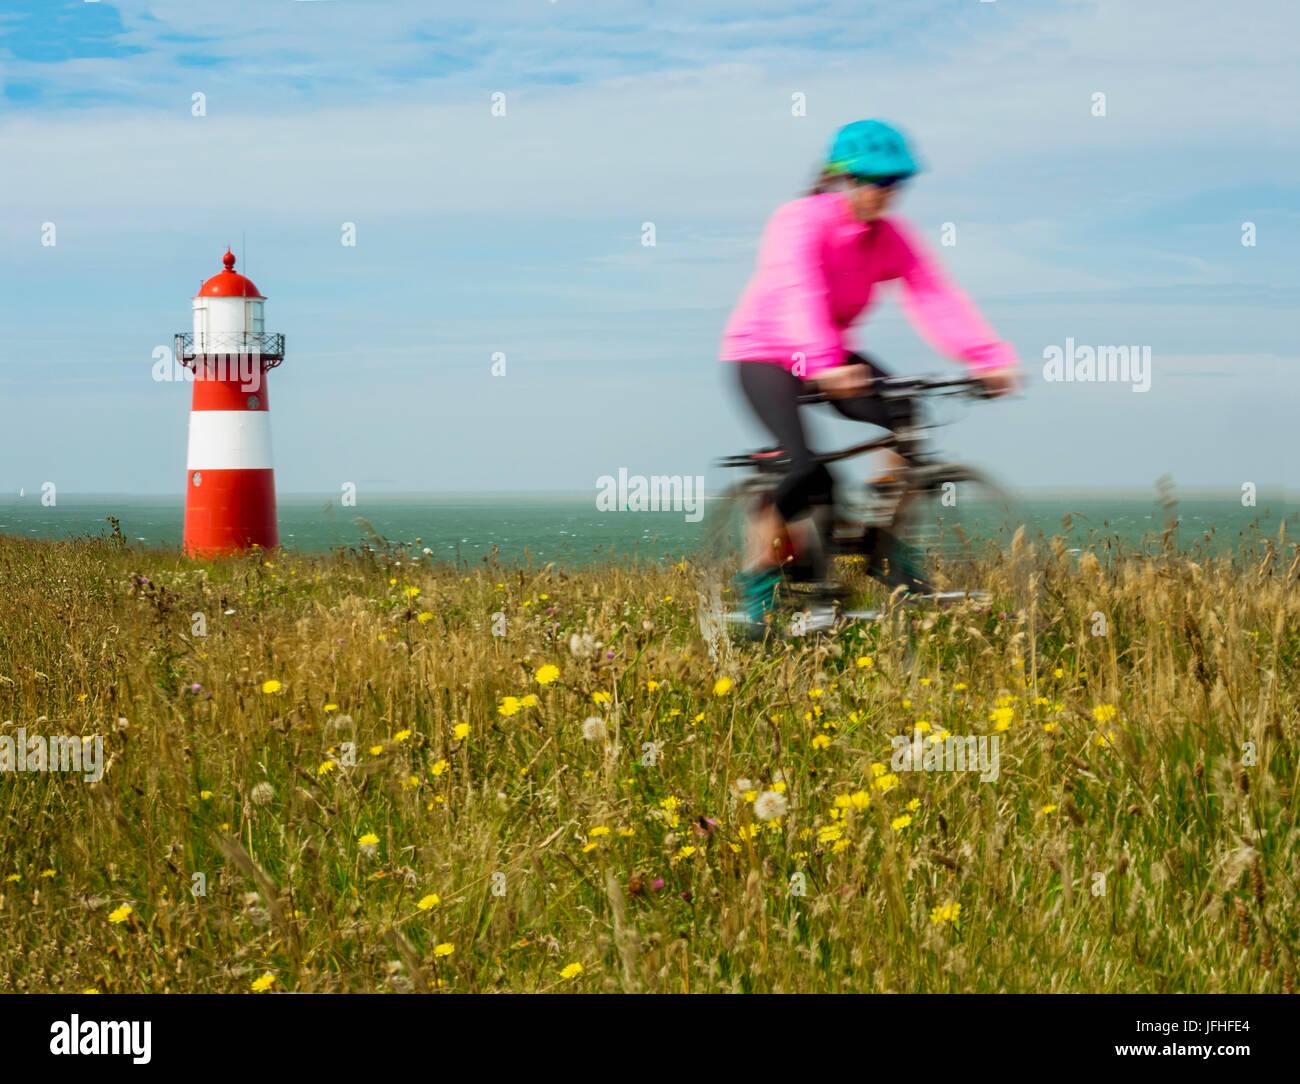 Equitazione donna bici sul campo nei pressi di faro Immagini Stock